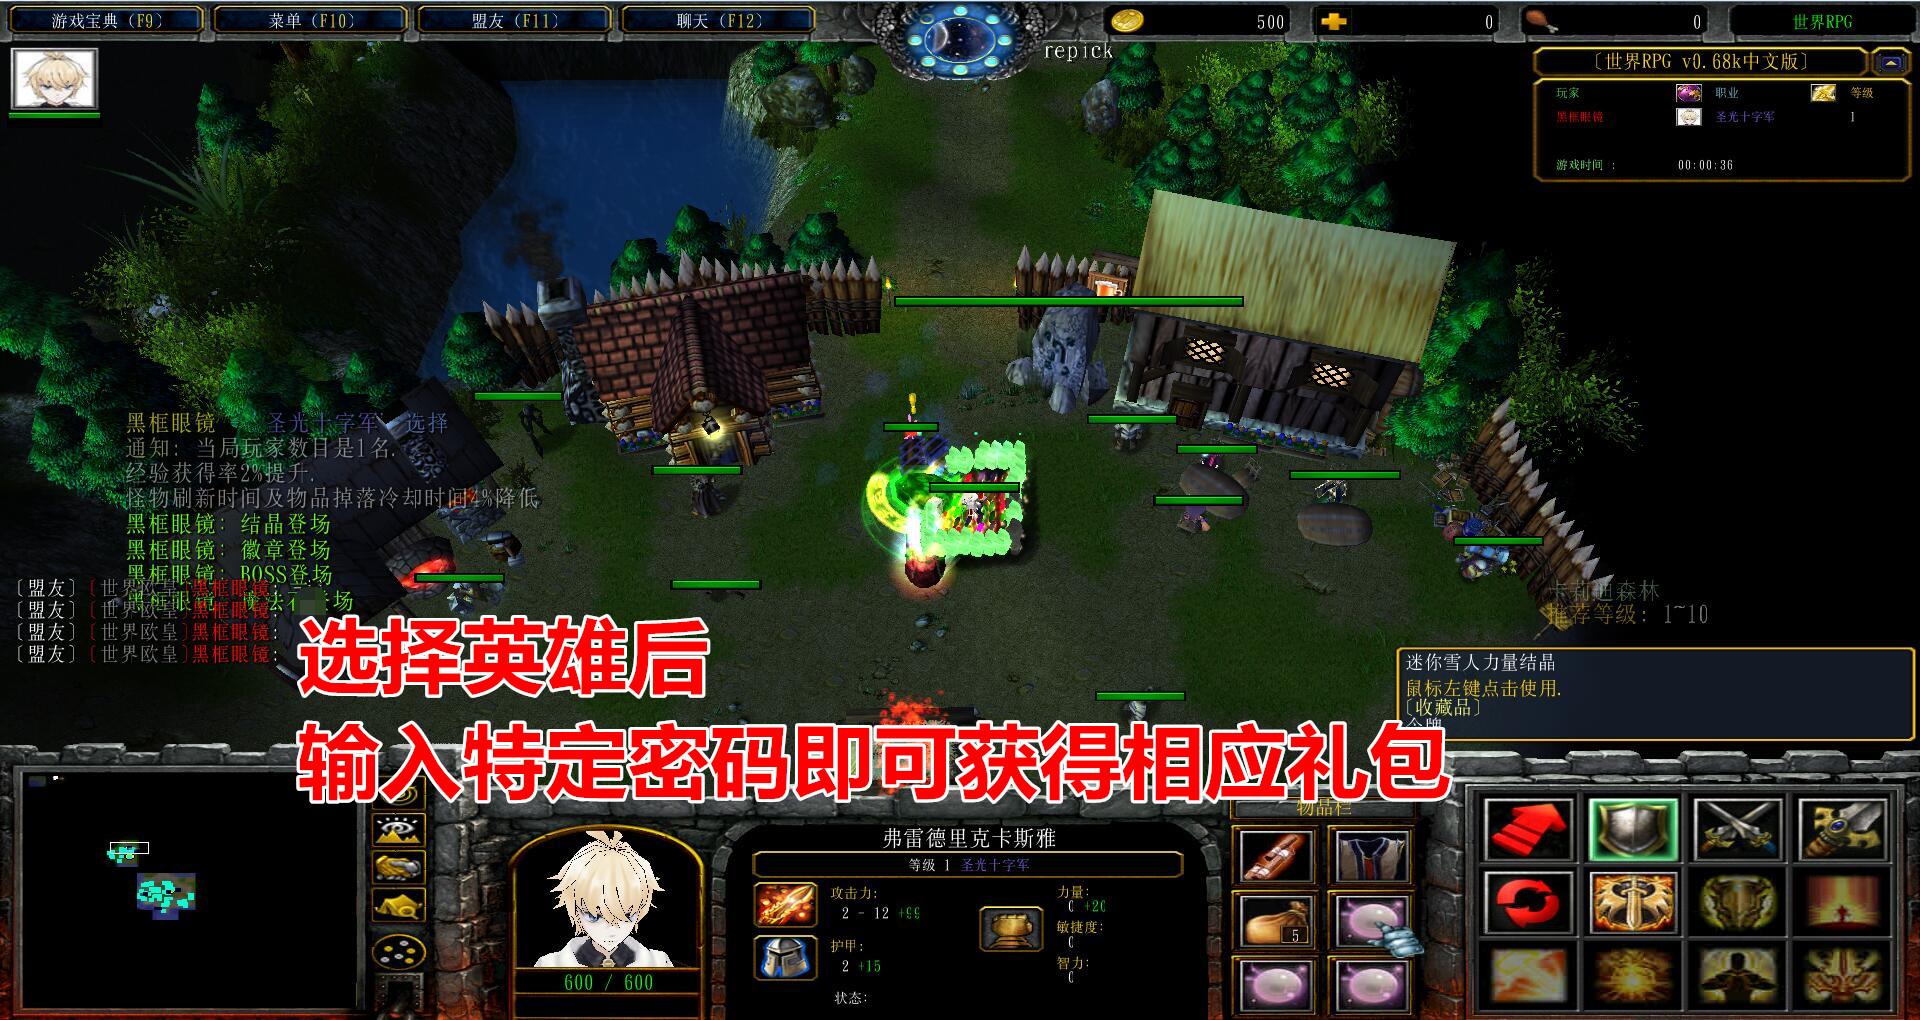 世界RPGv0.68k中文版黑式破解